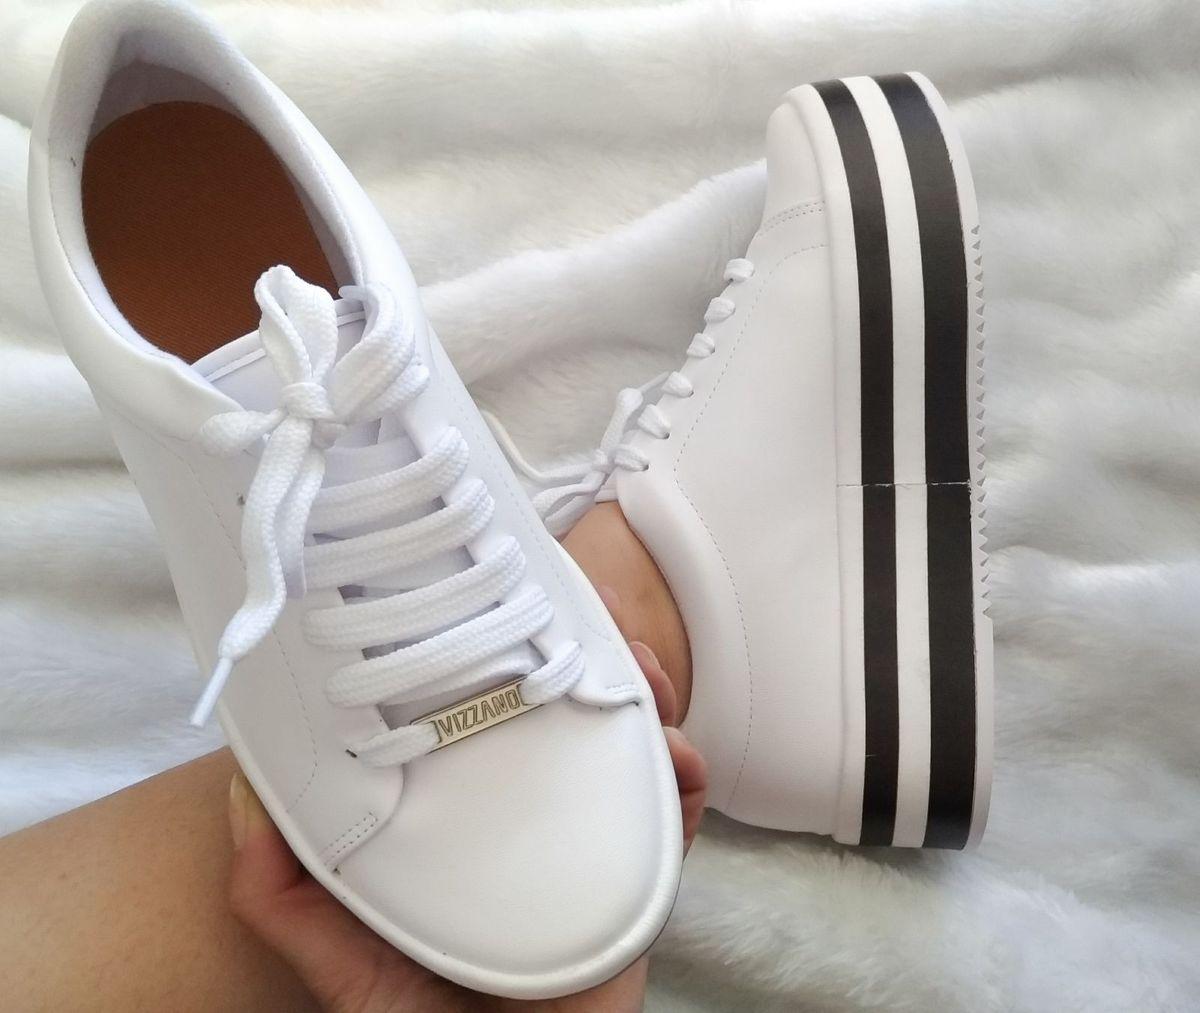 f3a49709a tênis plataforma branco. vizzano - tênis vizzano.  Czm6ly9wag90b3muzw5qb2vplmnvbs5ici9wcm9kdwn0cy81nzq3oti5lzdkymmwnme2ztq5mzfjnwqxodnlywi5mjc2nwninjcwlmpwzw